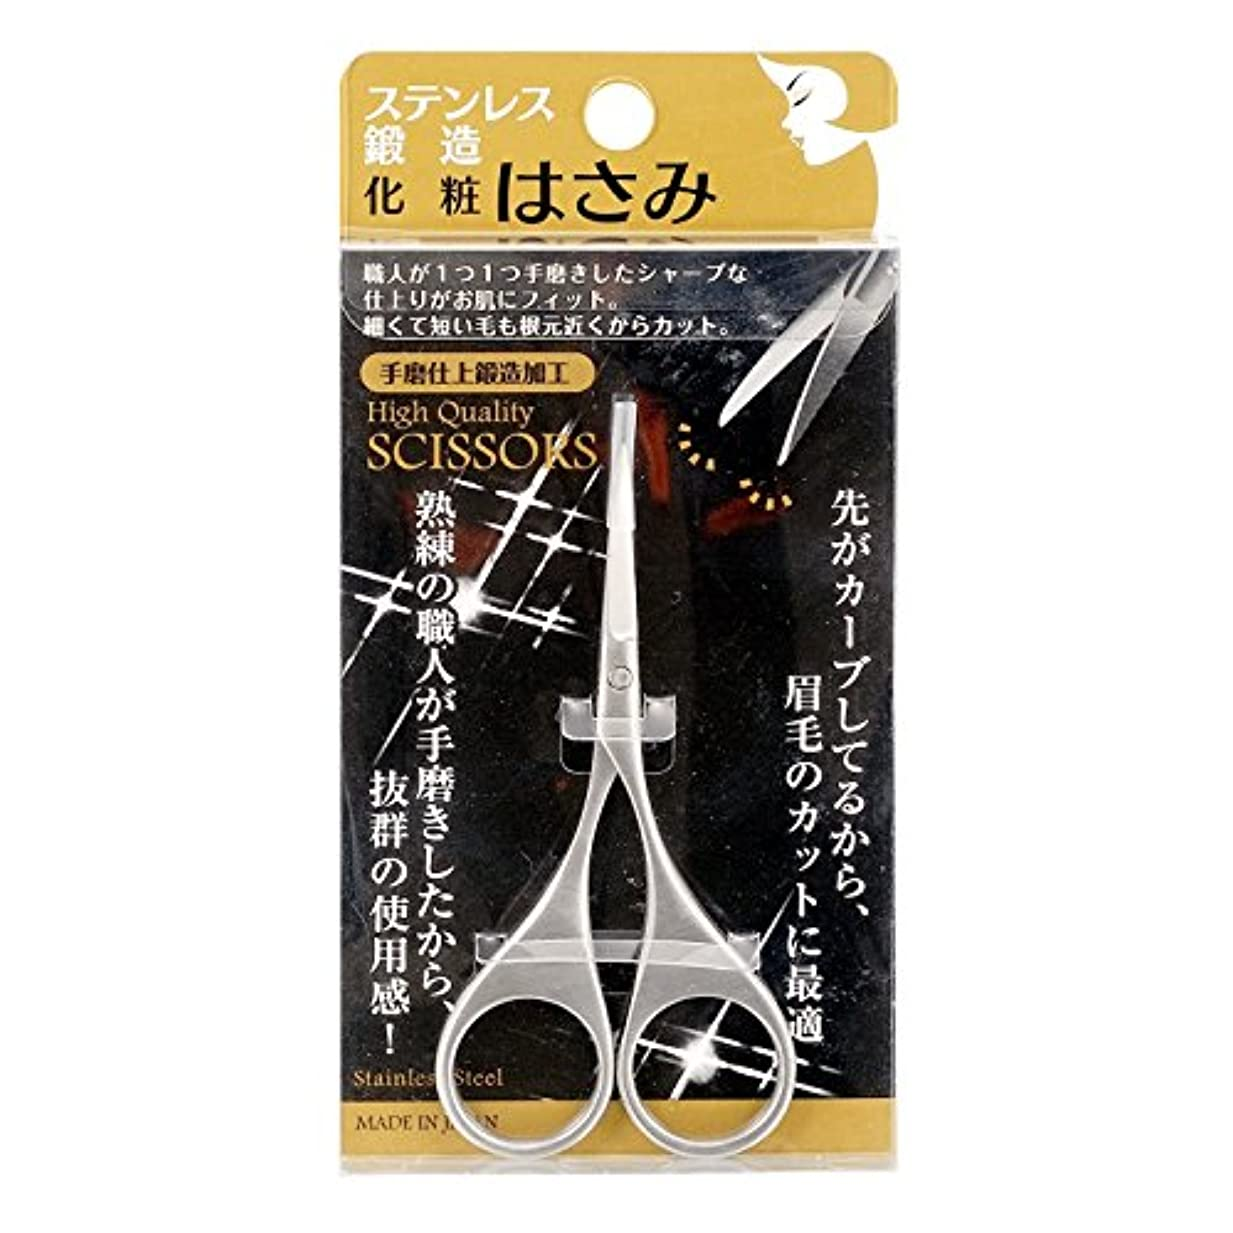 テナント山ズームOC高級ステンレス 鍛造化粧ハサミ